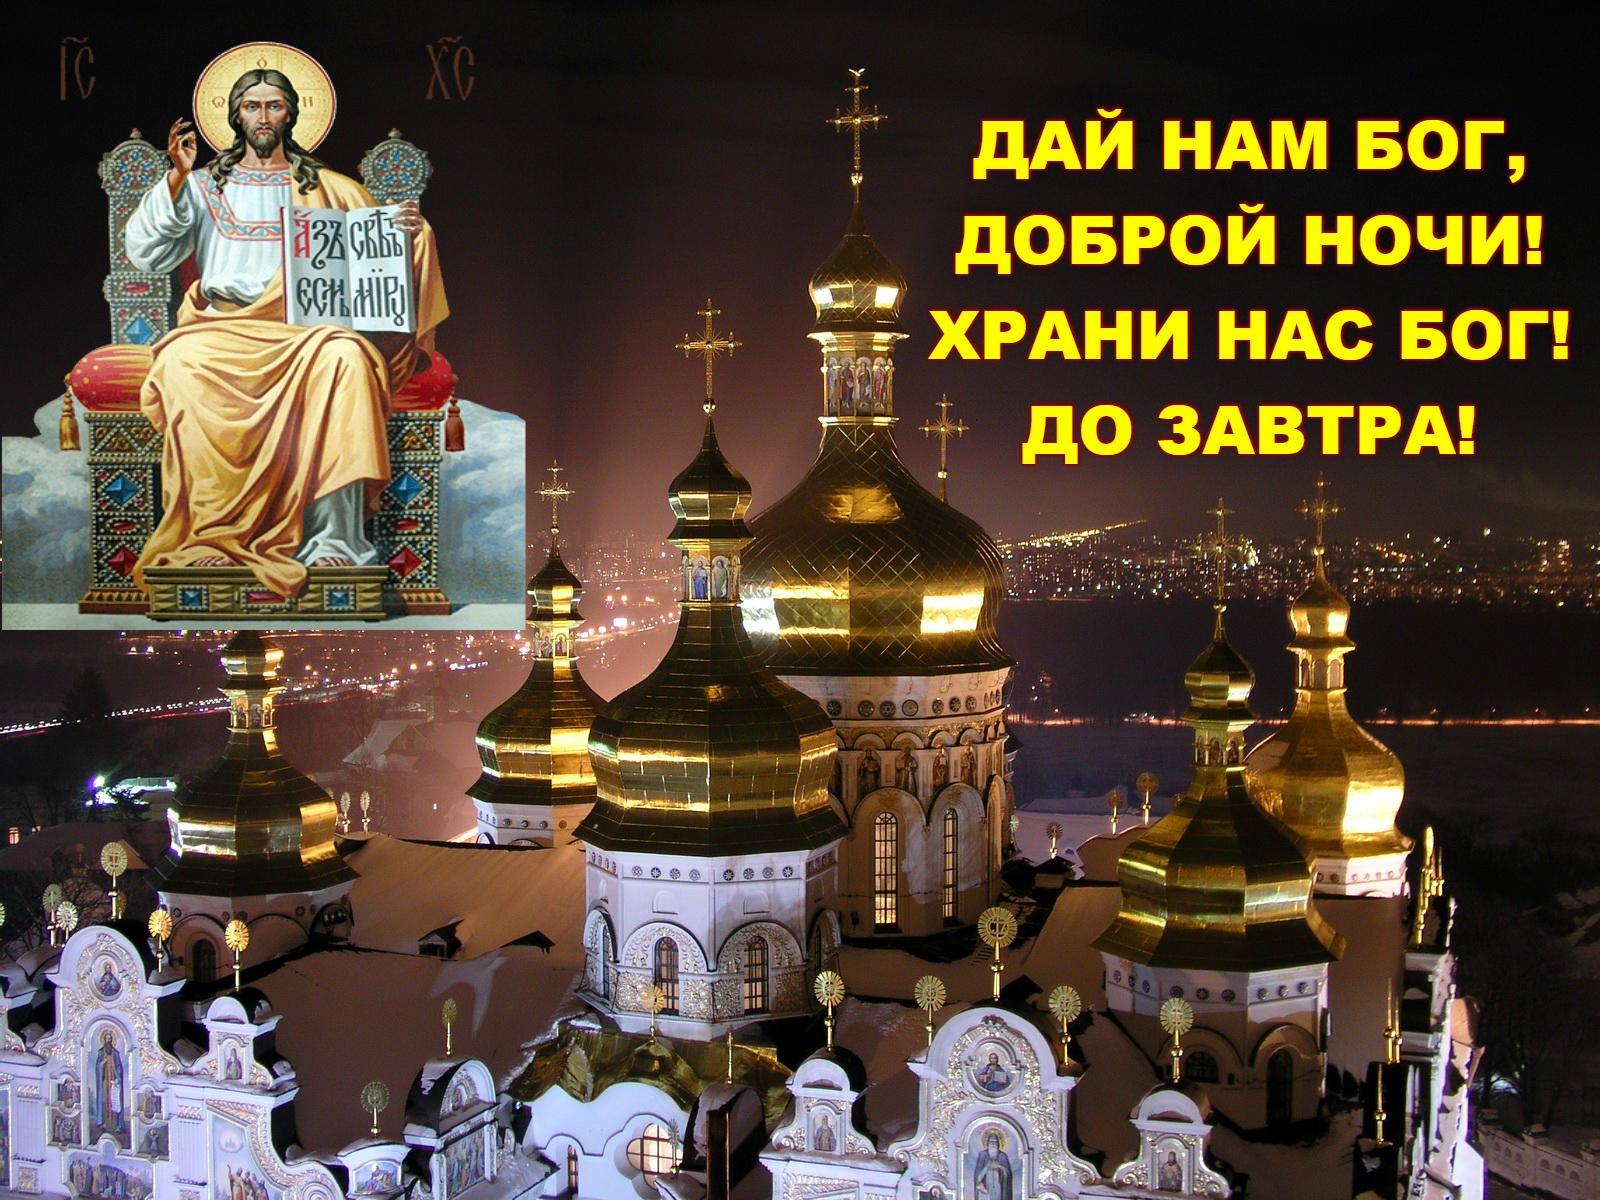 Текст открытки, храни вас бог картинки с надписями спокойной ночи